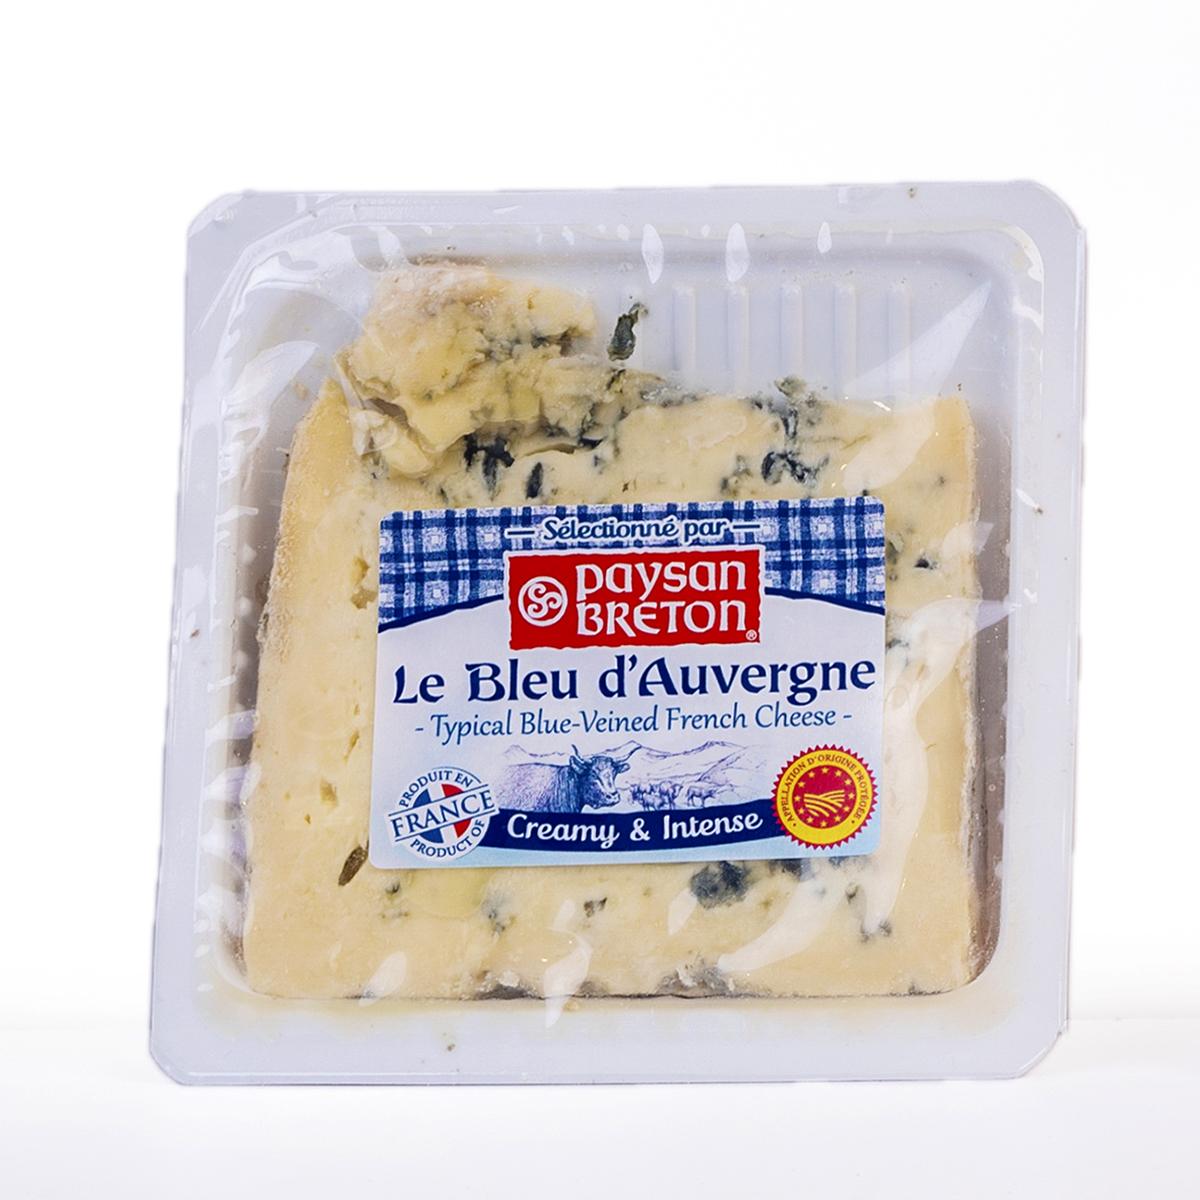 Cheese Bleu D'Auvergne PB 125g - Phô mai Bleu D'Auvergne PB 125g - Sản phẩm hữu cơ, nhập khẩu